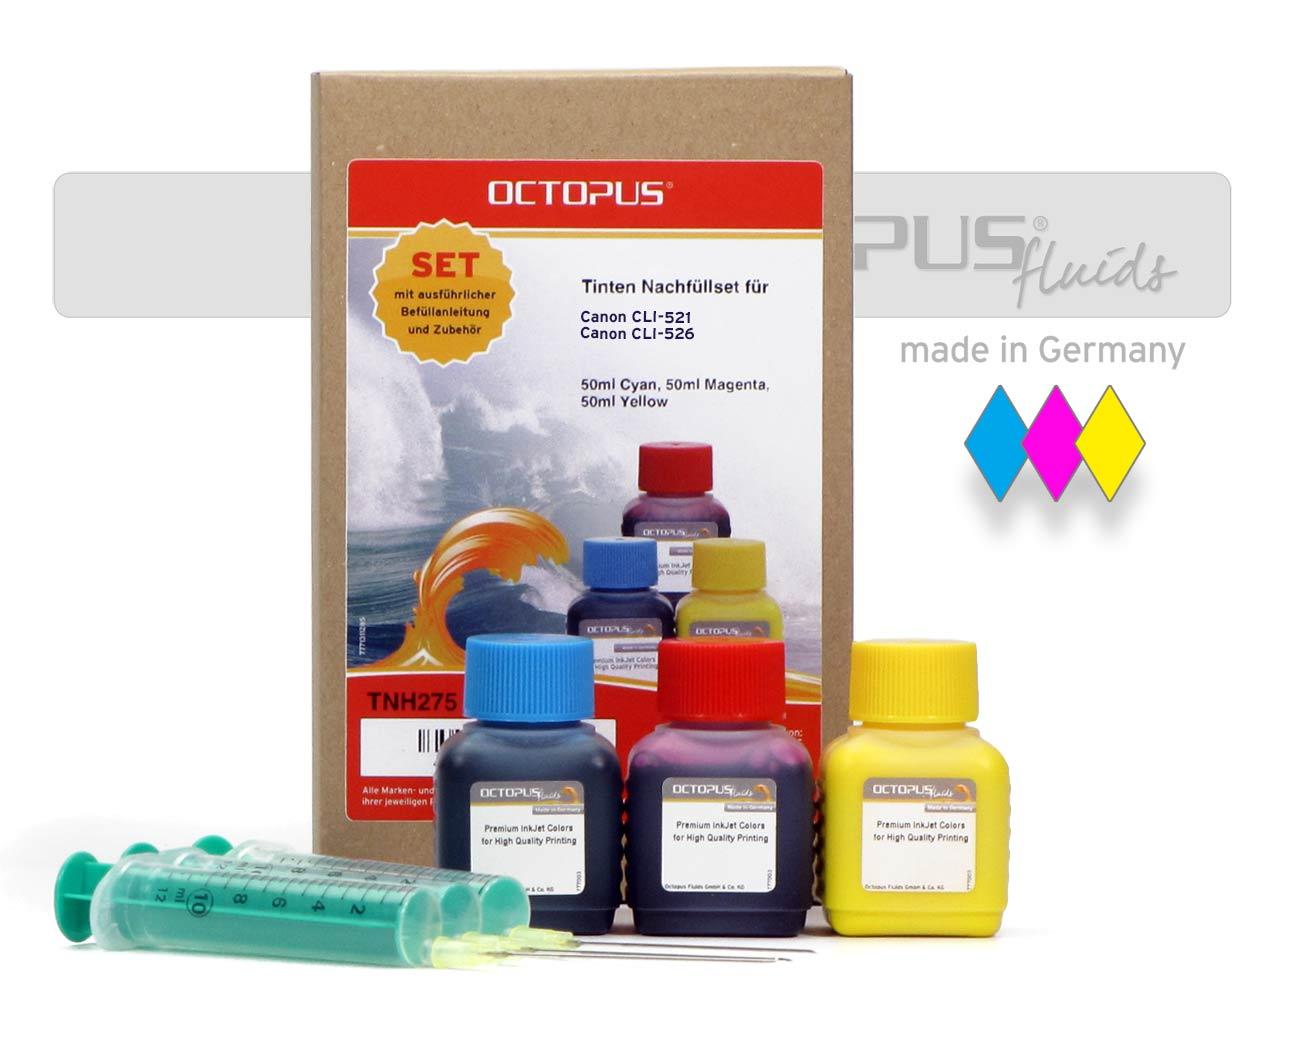 Tinten Nachfüllset für Canon CLI-521, Canon CLI-526 mit je 50ml Druckertinte color